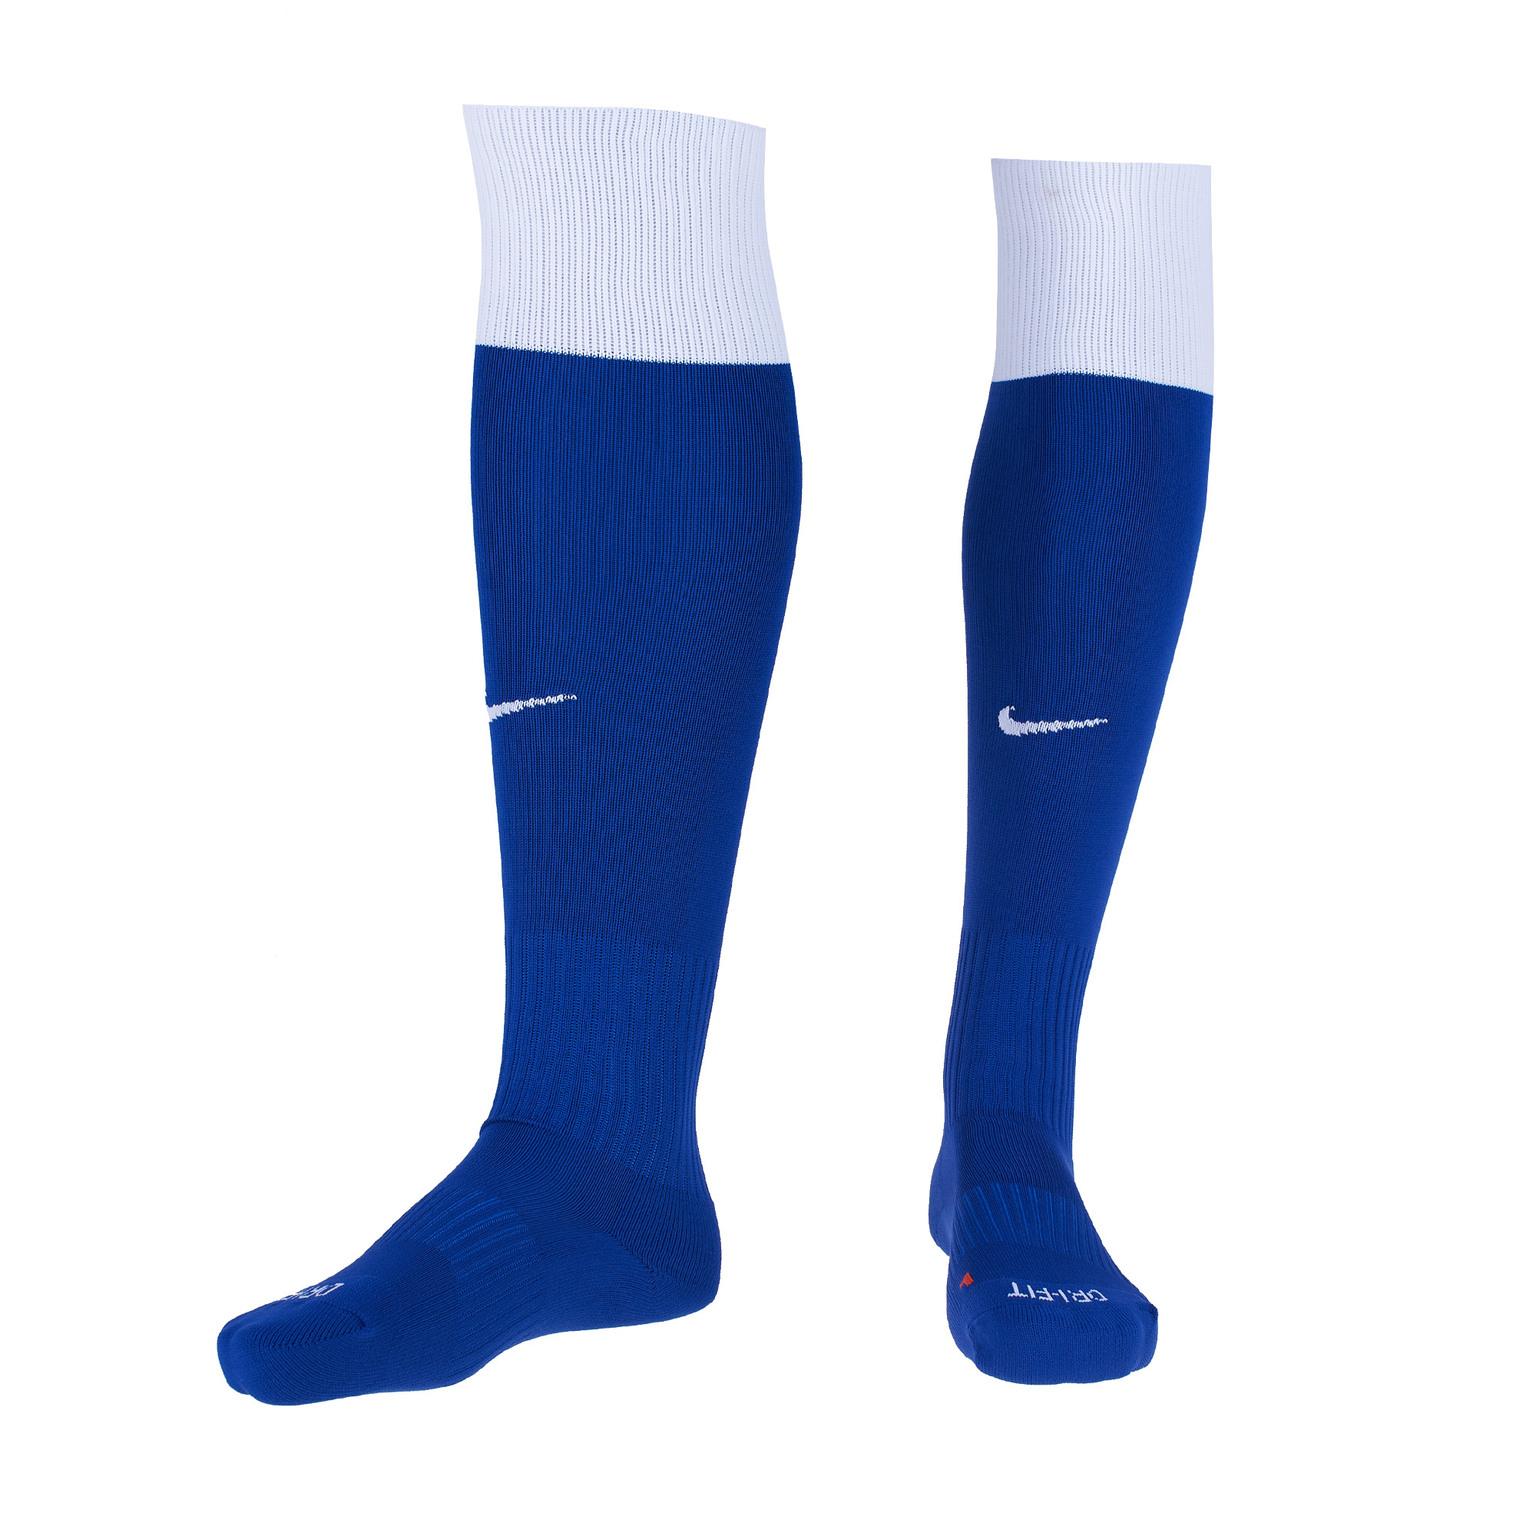 Гетры Nike Classic II SX7580-463 гетры nike classic football dri fit sx4120 101